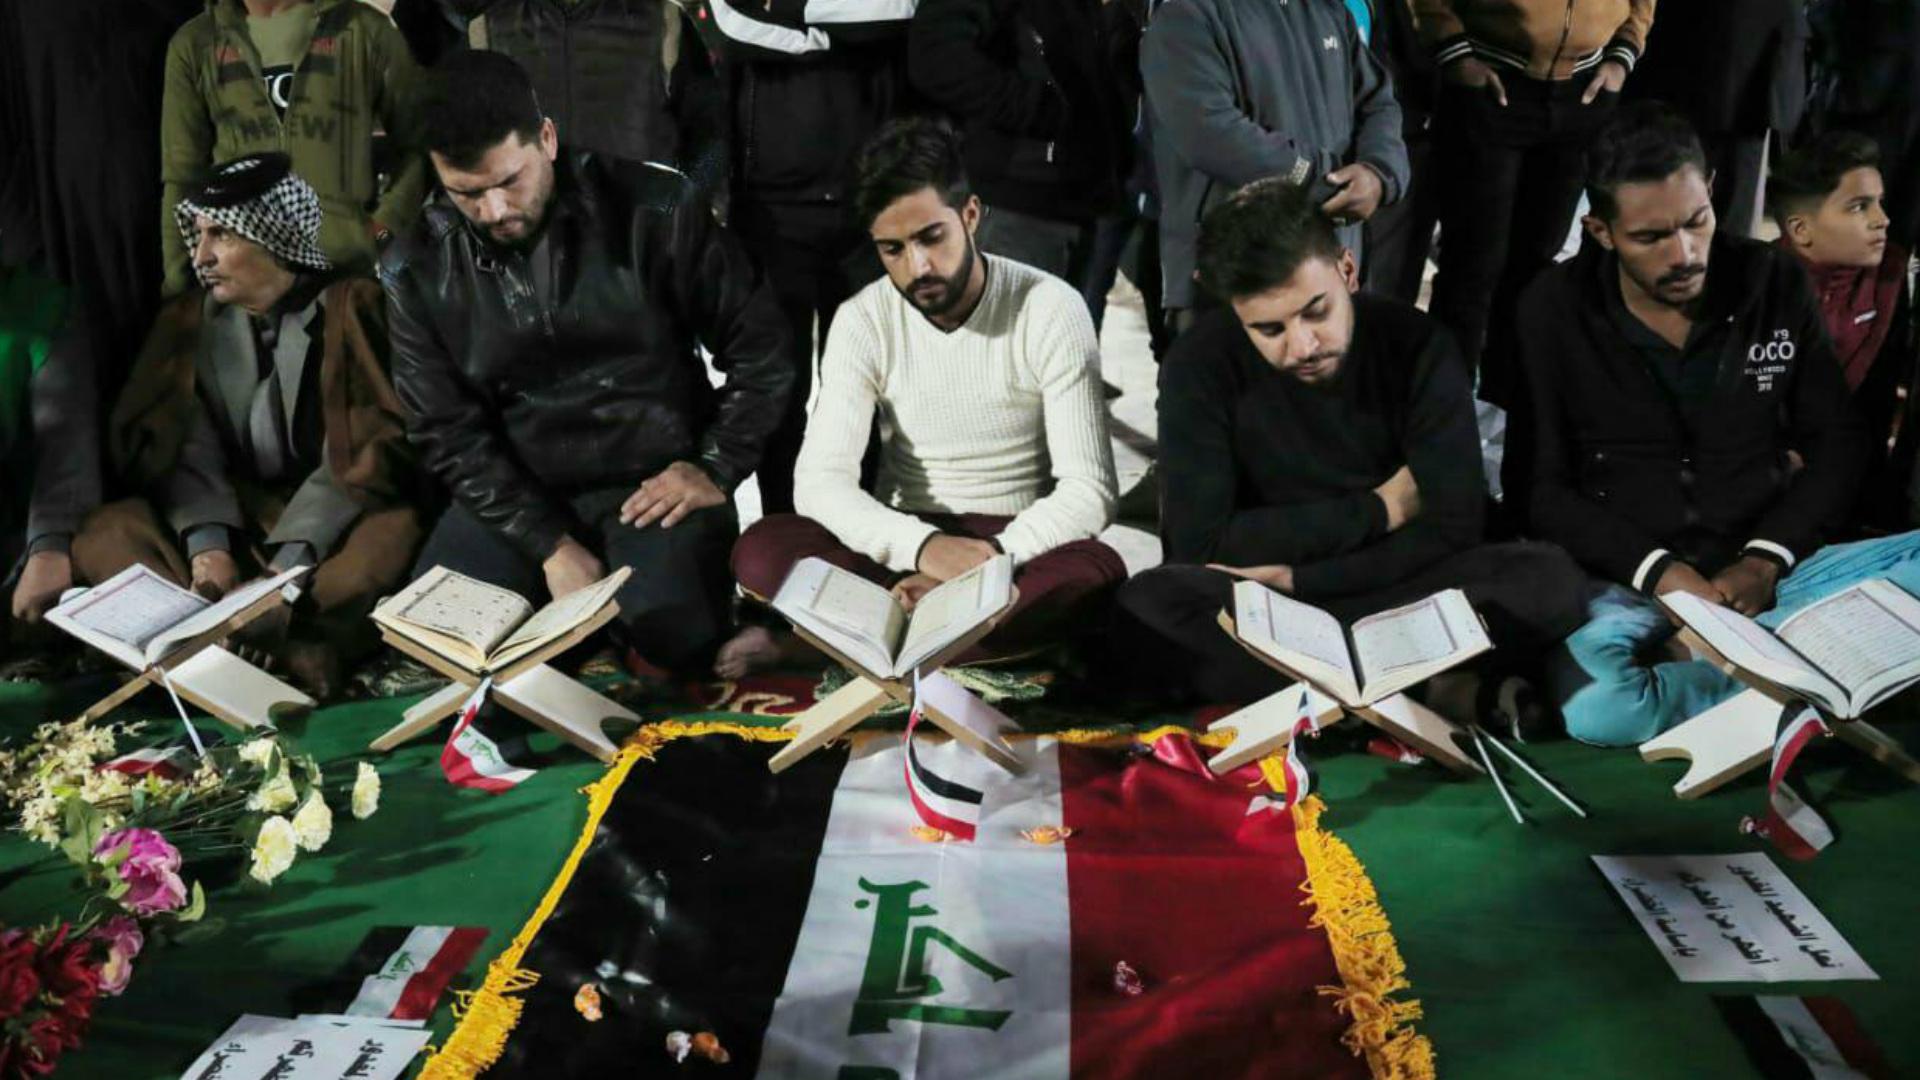 مقبرة رمزية في كربلاء لاستذكار شهداء التظاهرات